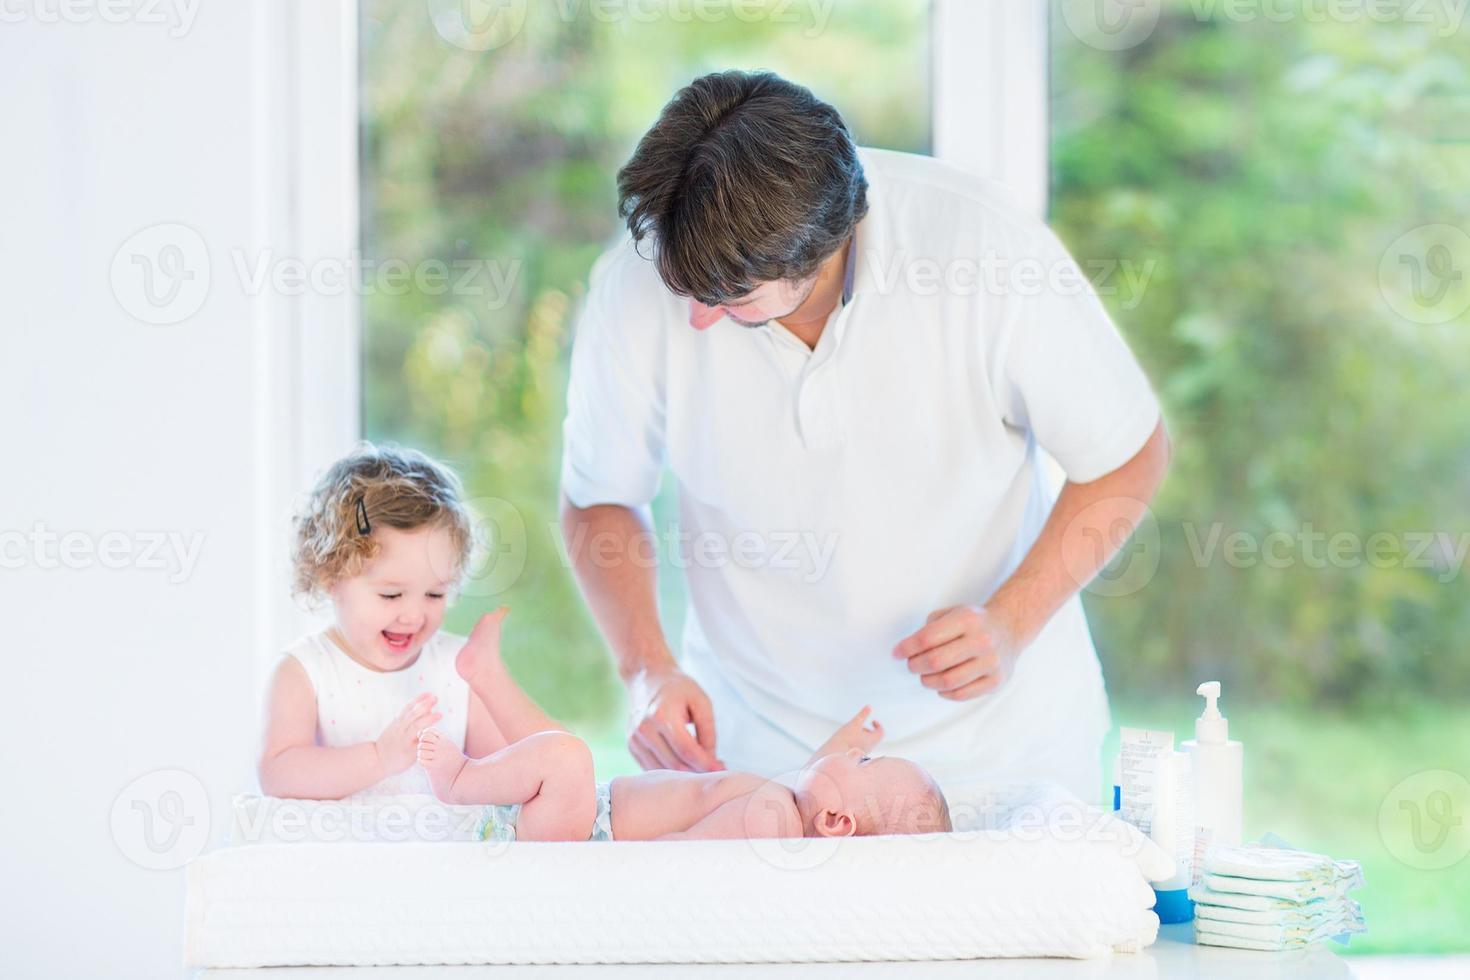 bebê recém-nascido, olhando para o pai e a irmã trocar fralda foto